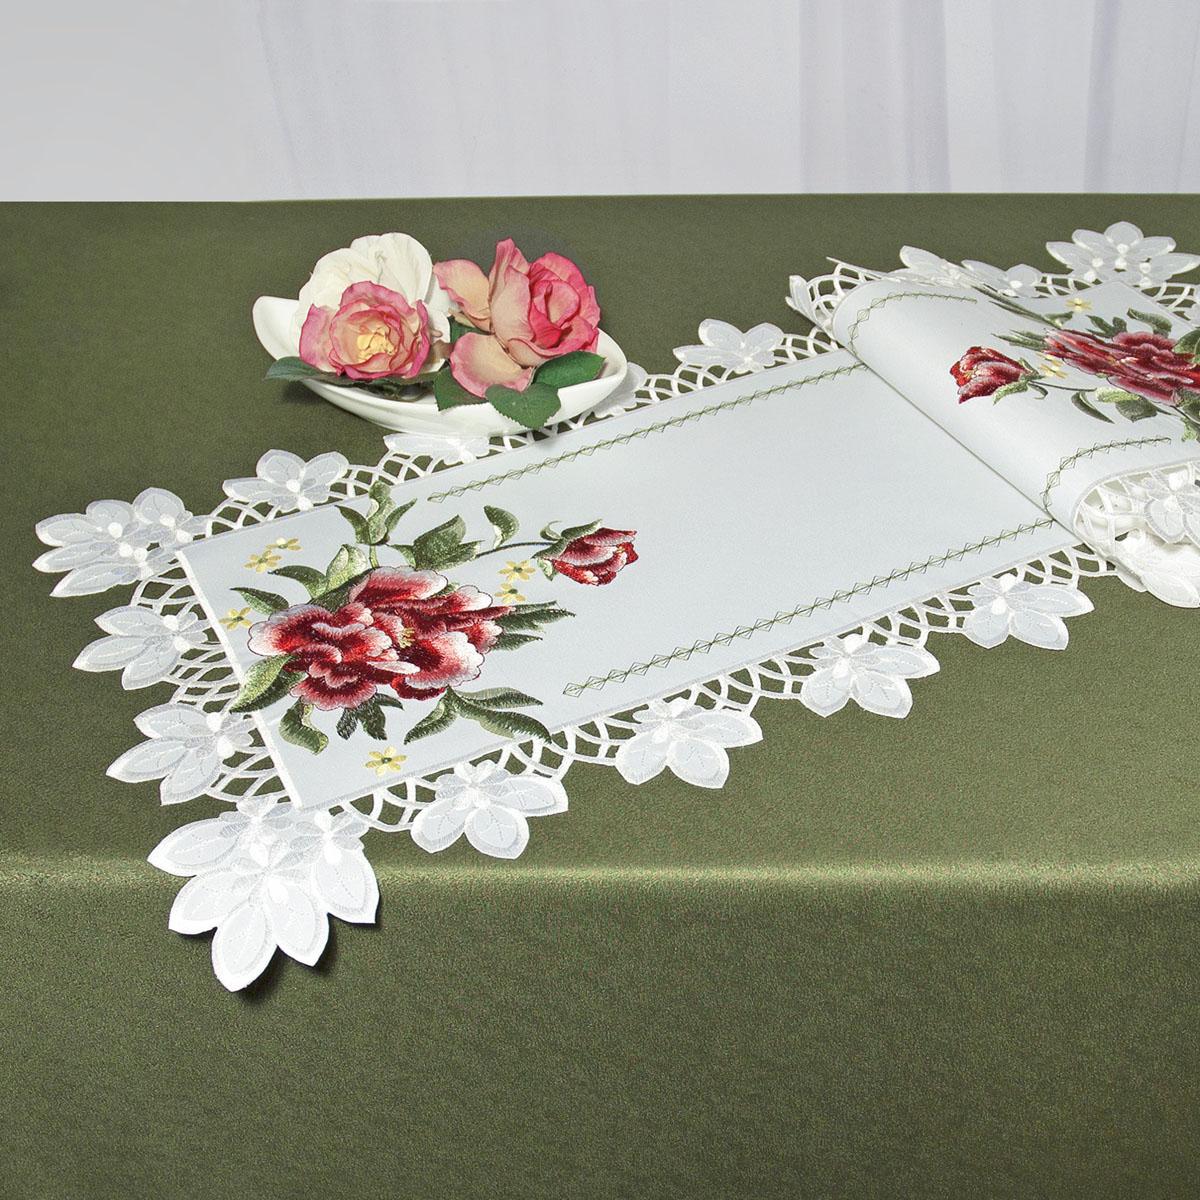 Дорожка для декорирования стола Schaefer, прямоугольная, цвет: белый, красный, 40 x 110 см 07481-23307481-233Дорожка Schaefer выполнена из высококачественного полиэстера и украшена вышитыми рисунками в виде цветов. Края дорожки оформлены в технике ришелье. Вы можете использовать дорожку для декорирования стола, комода или журнального столика.Благодаря такой дорожке вы защитите поверхность мебели от воды, пятен и механических воздействий, а также создадите атмосферу уюта и домашнего тепла в интерьере вашей квартиры. Изделия из искусственных волокон легко стирать: они не мнутся, не садятся и быстро сохнут, они более долговечны, чем изделия из натуральных волокон.Изысканный текстиль от немецкой компании Schaefer - это красота, стиль и уют в вашем доме. Дорожка органично впишется в интерьер любого помещения, а оригинальный дизайн удовлетворит даже самый изысканный вкус. Дарите себе и близким красоту каждый день!